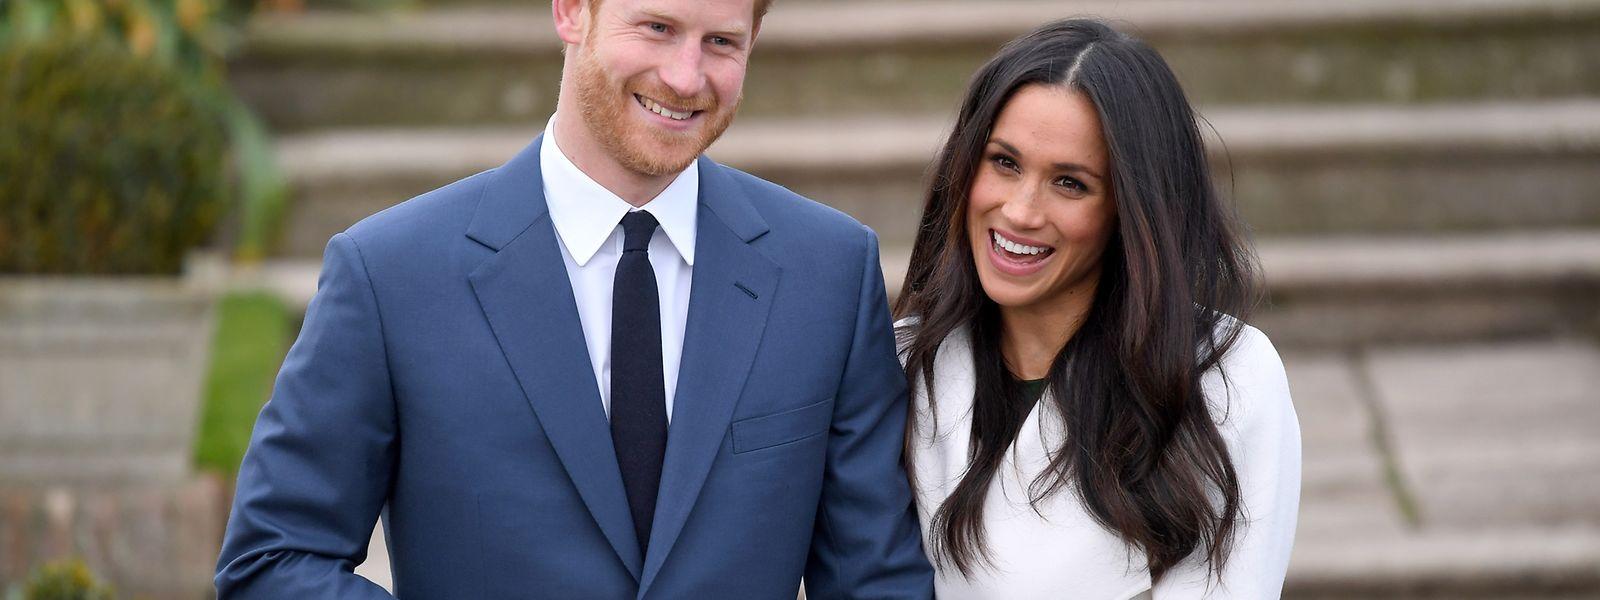 Le prince Harry et Meghan Markle à l'annonce de leurs fiançailles